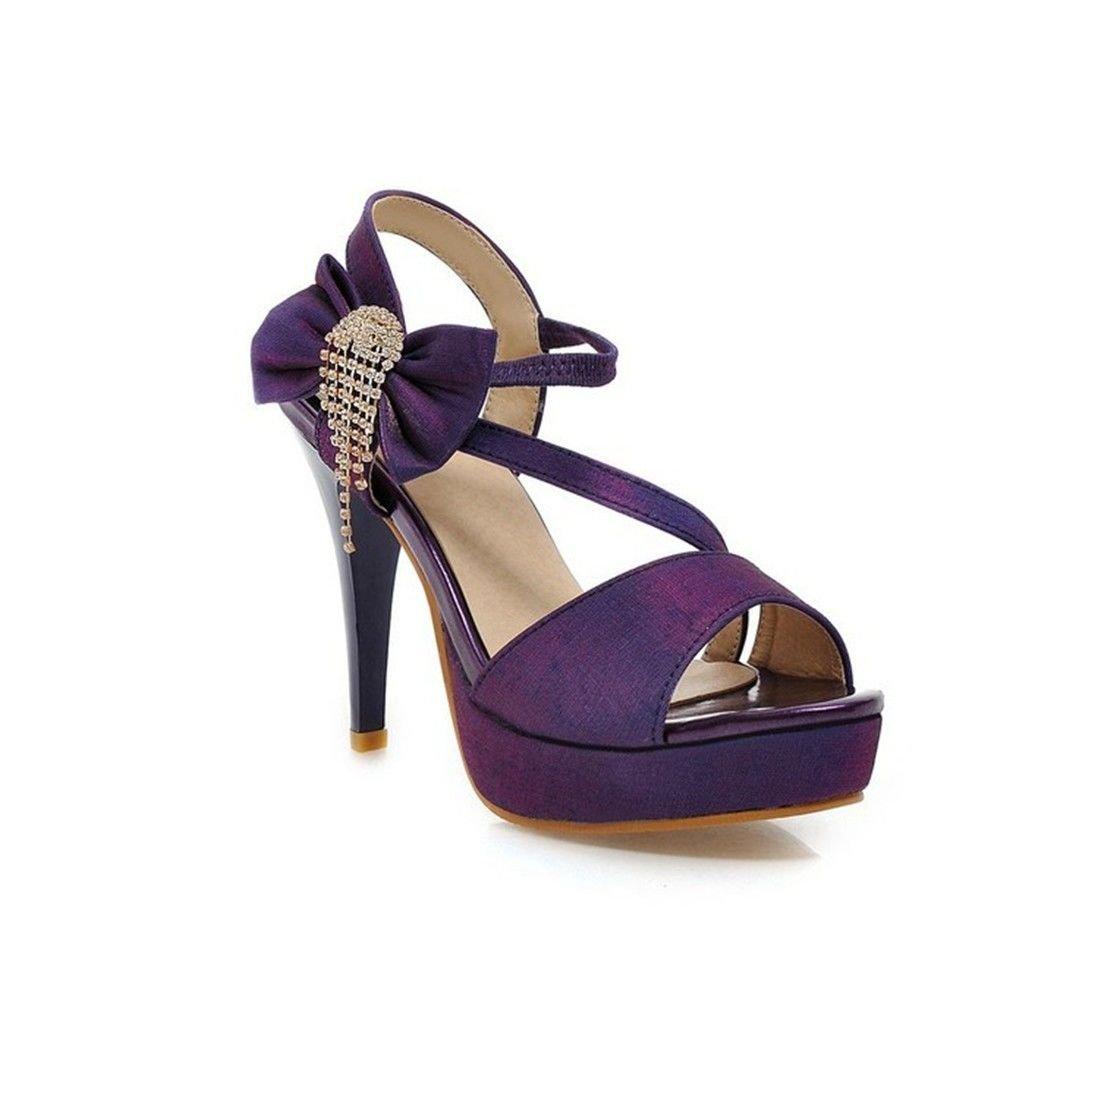 AIKAKA Chaussures pour Purple Hauts Femmes Printemps Chaussures Été Bow Plate-Forme Imperméable Sandales à Talons Hauts Purple 3516a55 - deadsea.space